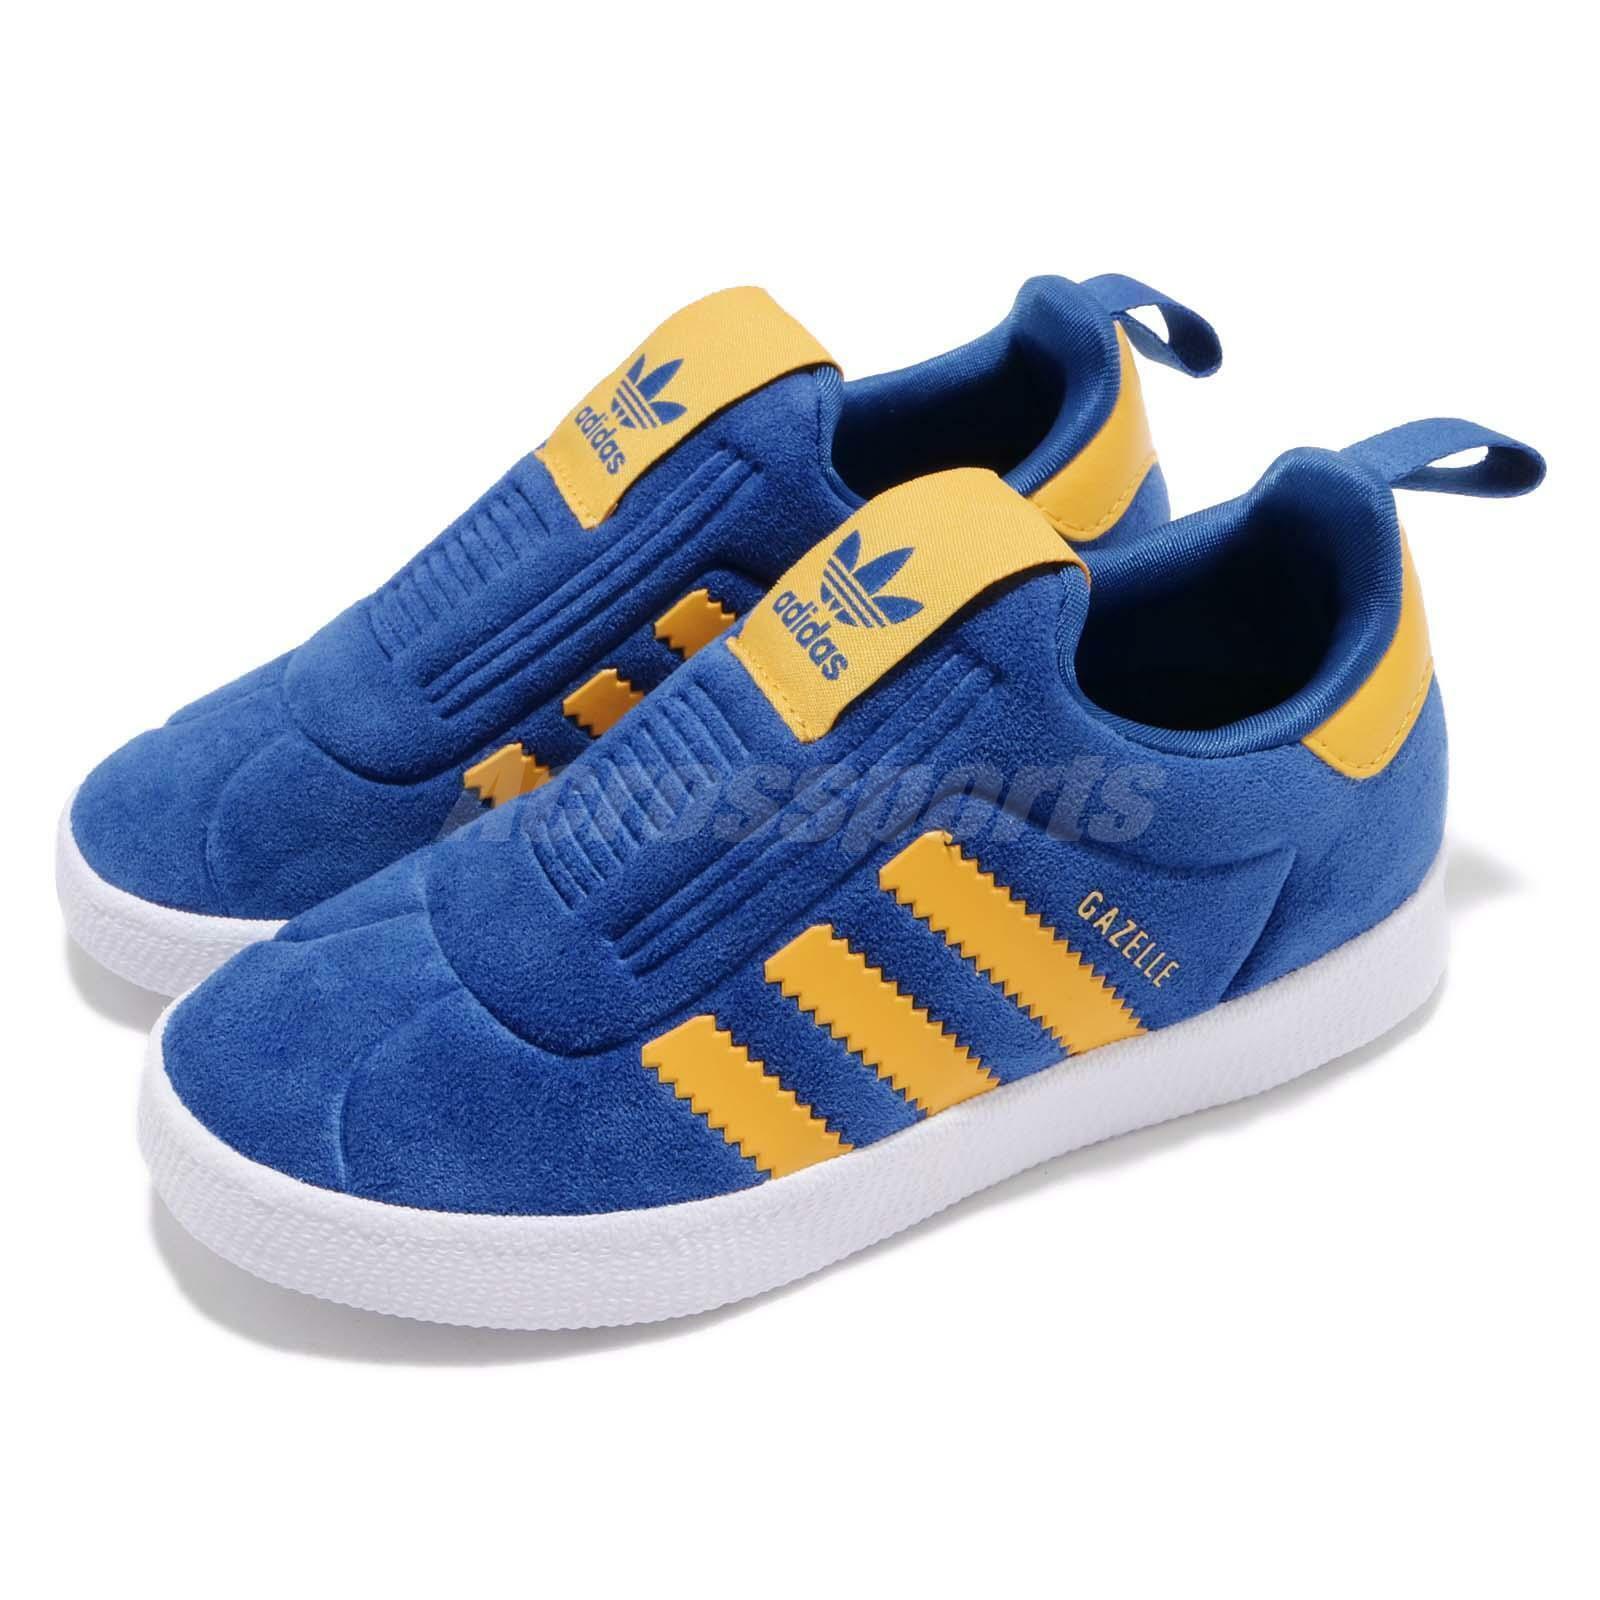 26d9df5f784ee Adidas Originals Gazelle 360 I Royal blueeeeeeeee Yellow TD Toddler Infant  shoes CG6594